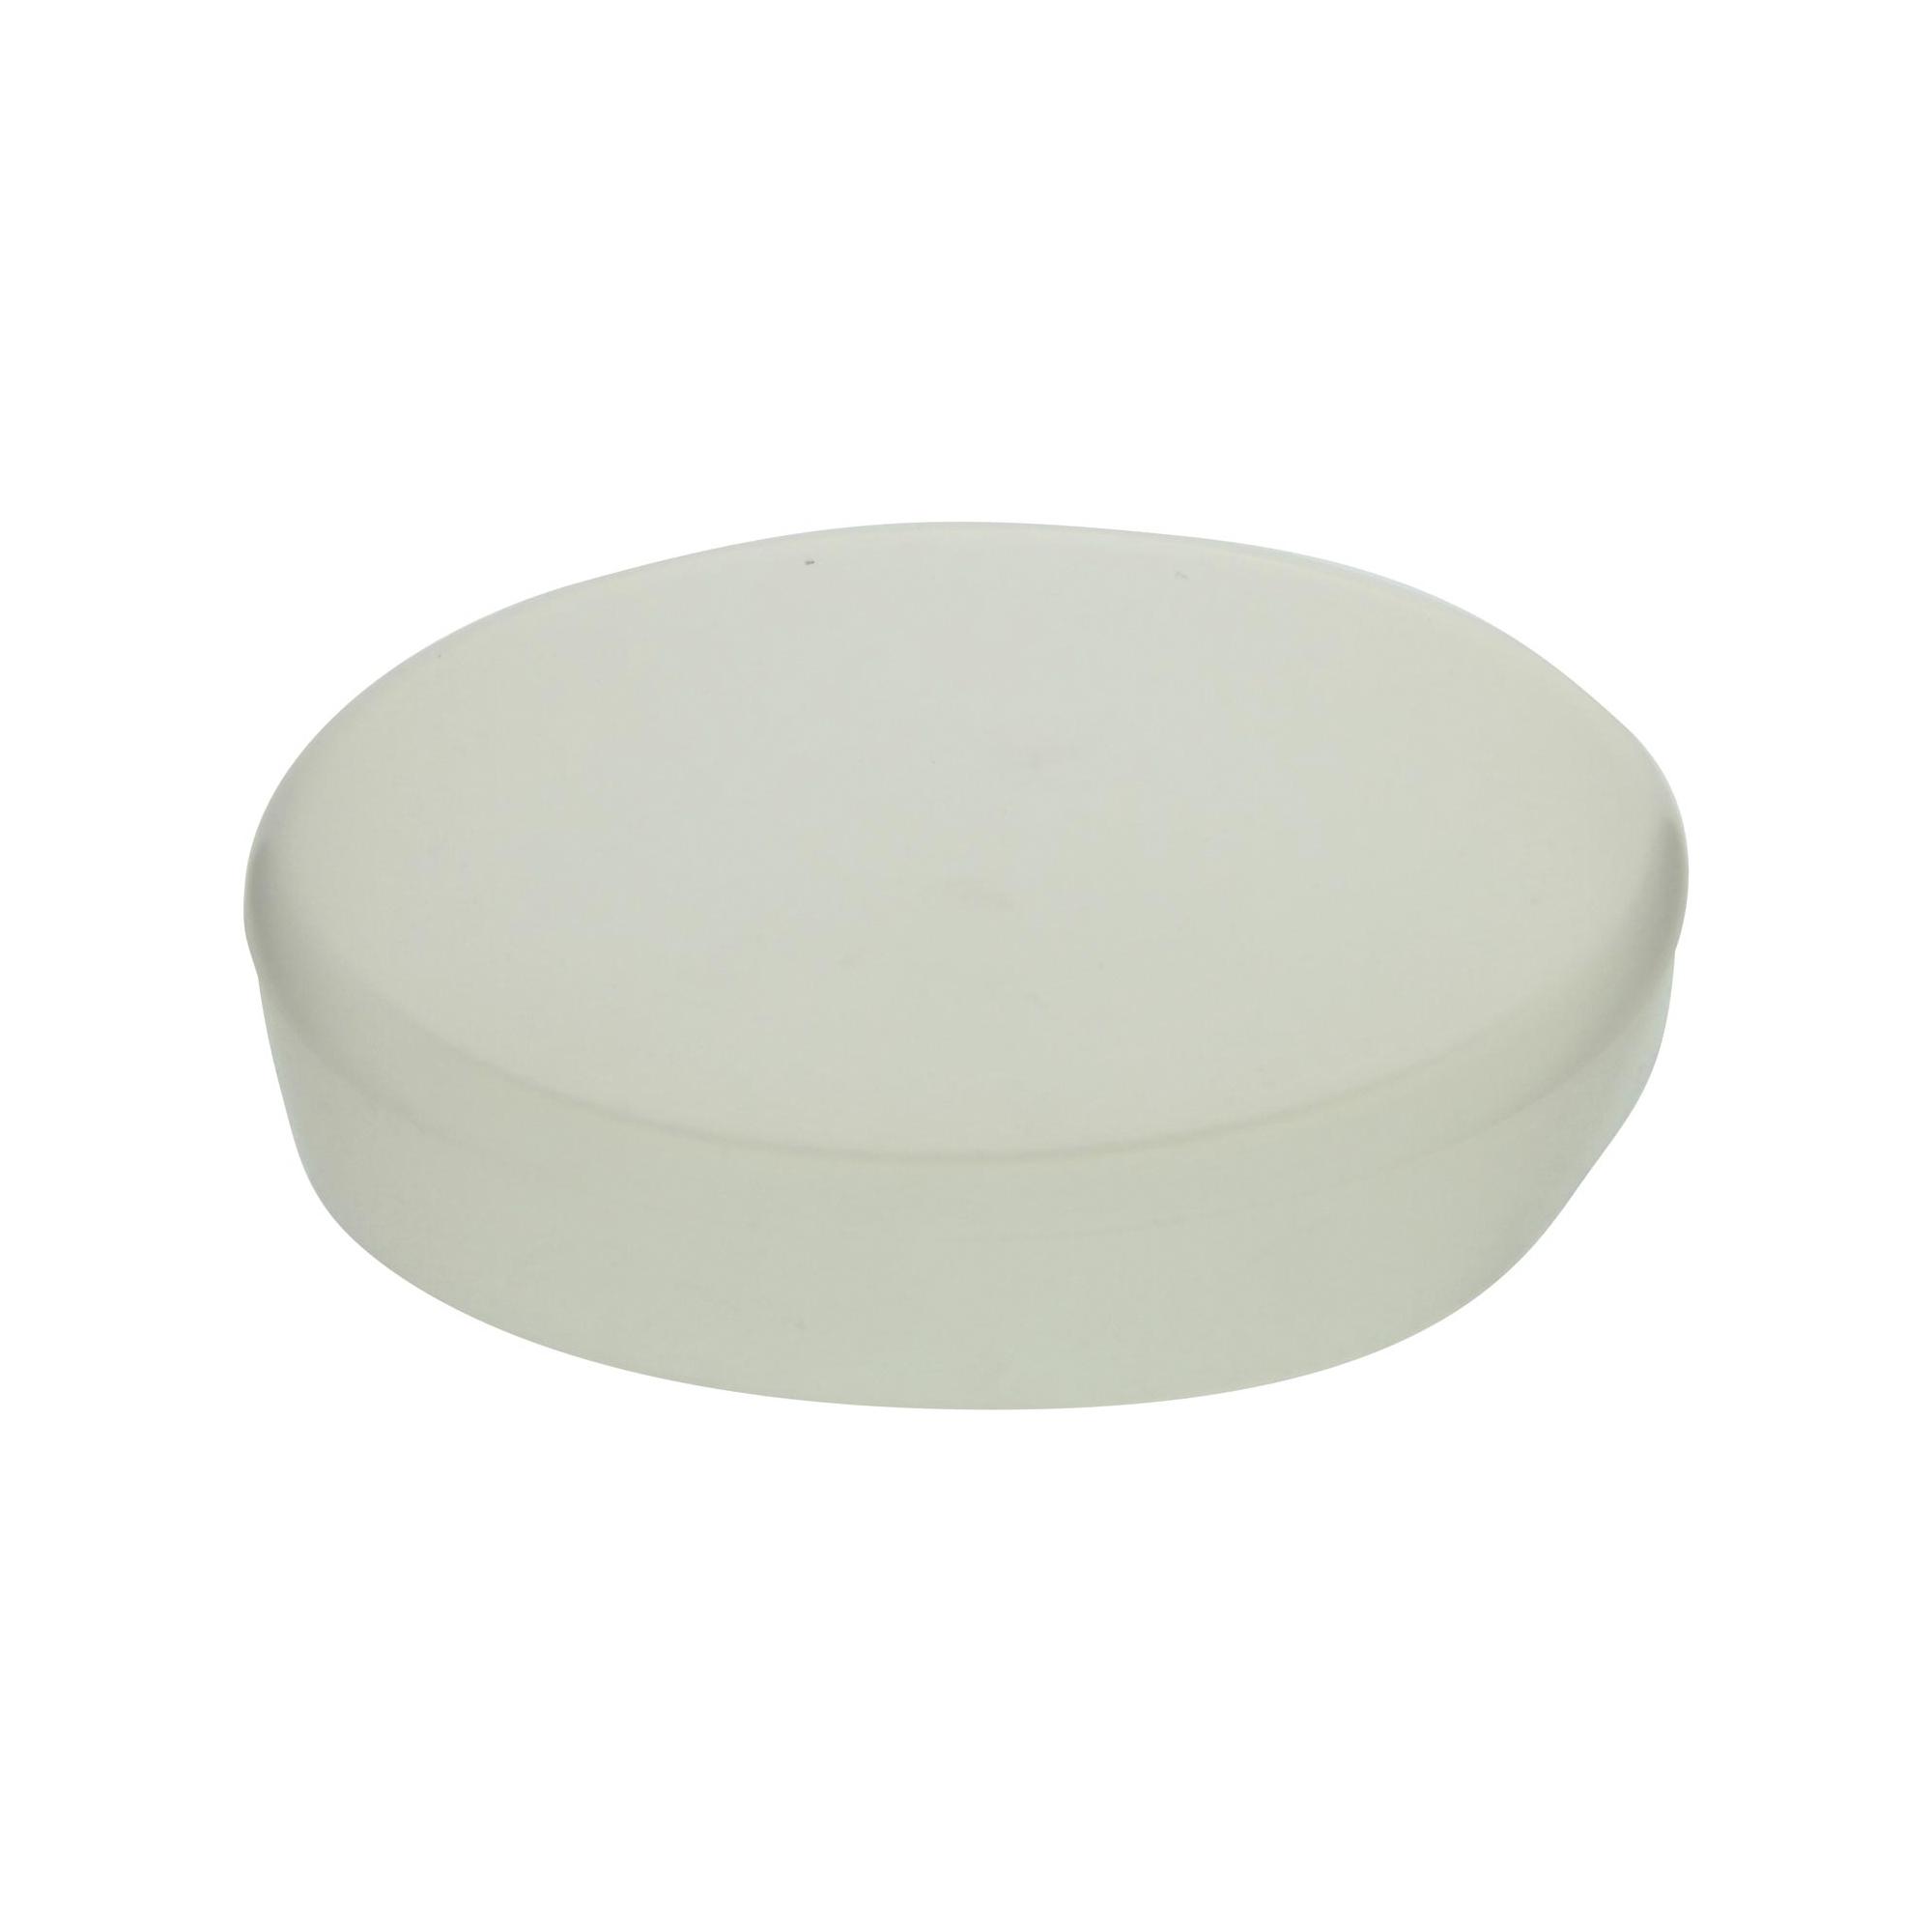 080080-074 ダストジャーH型用 ガラス円筒用キャップ 柴田科学(SIBATA)